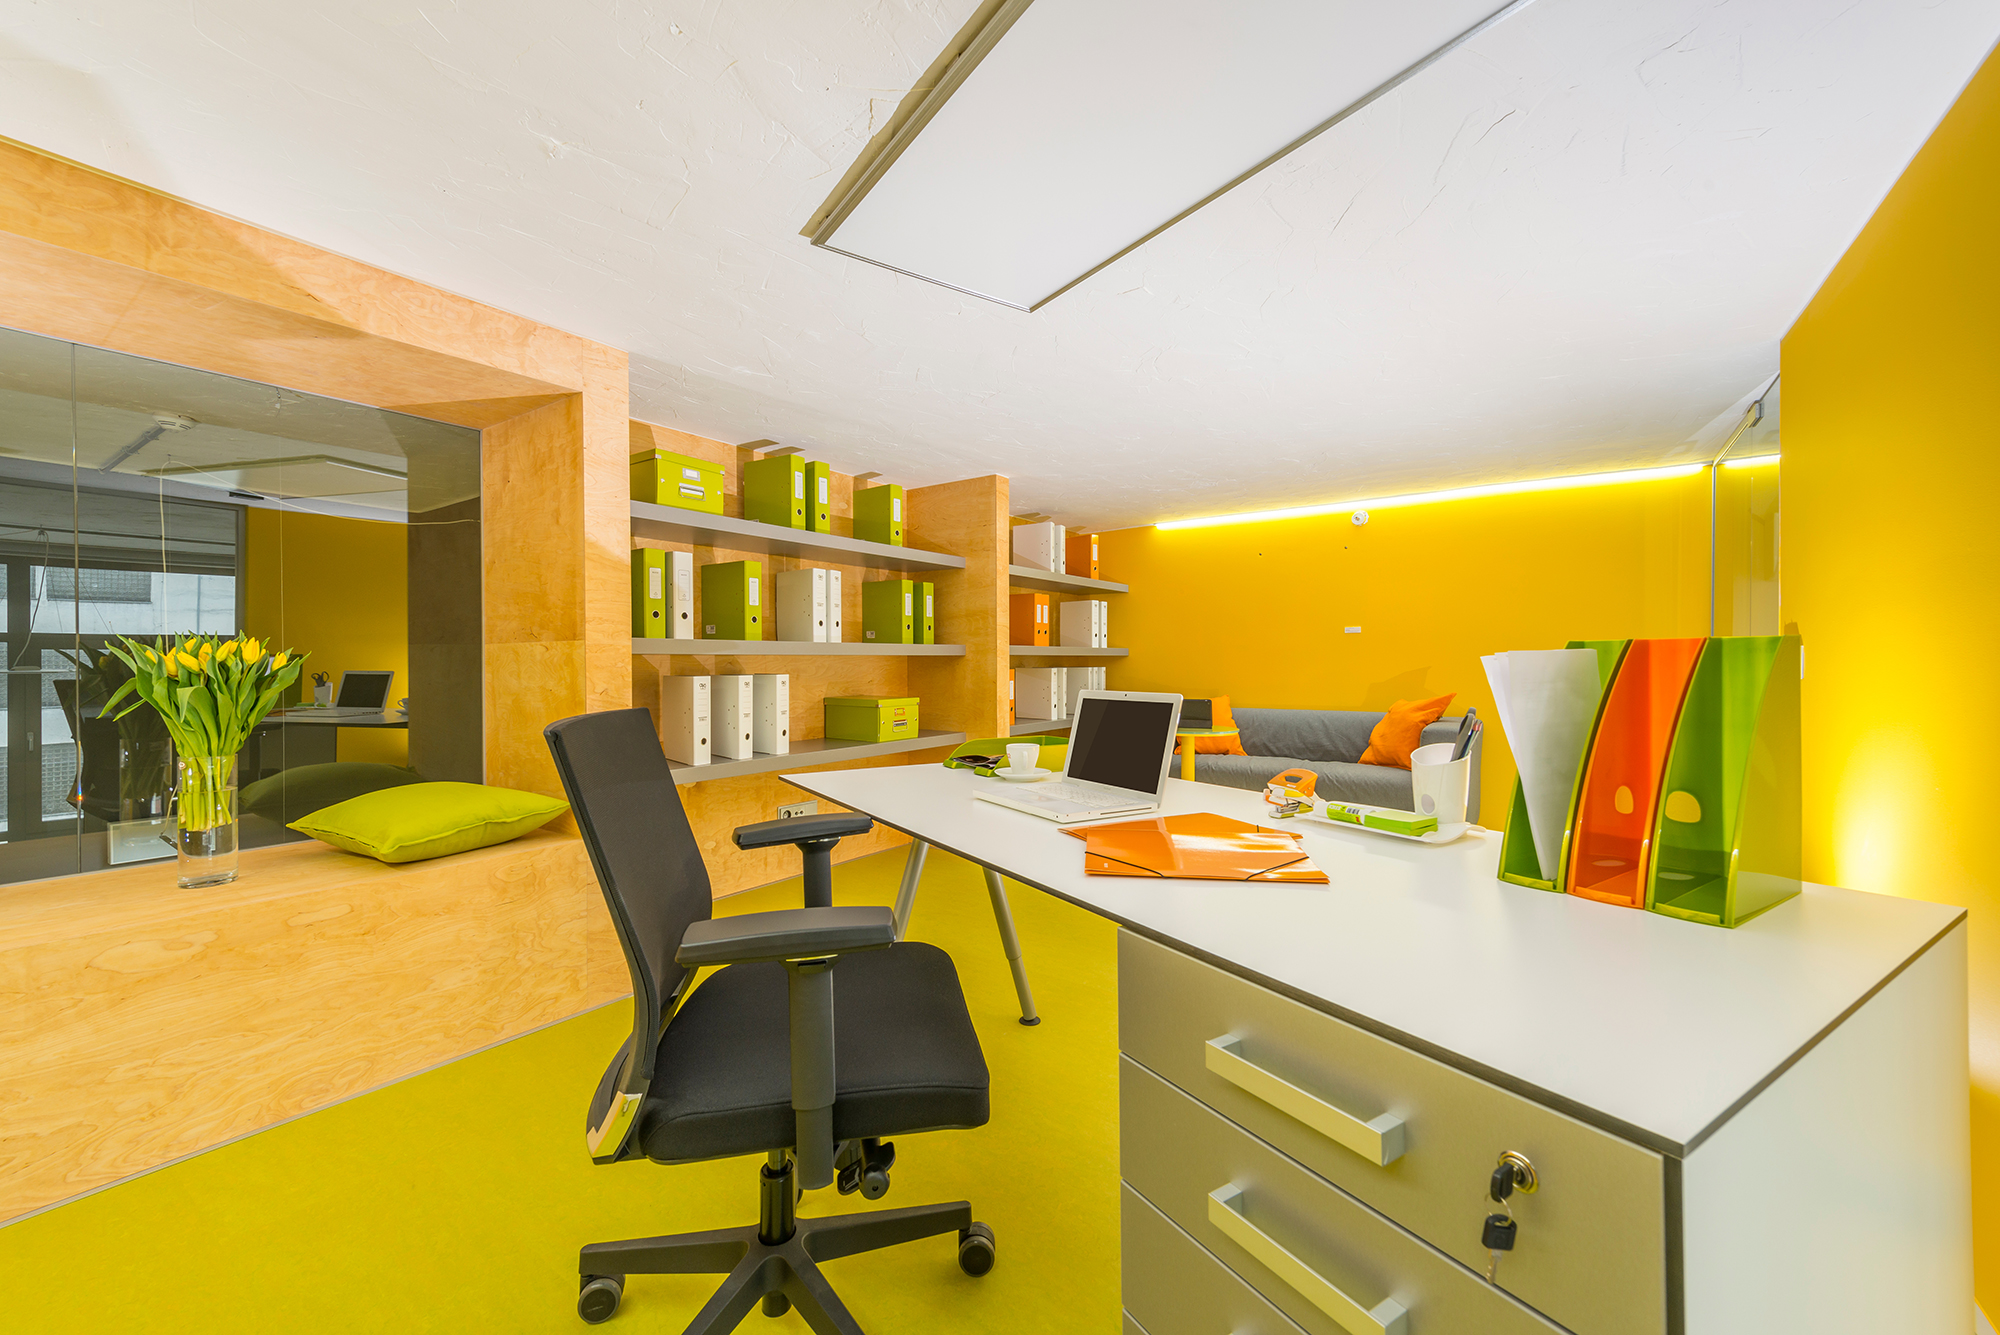 V centru Zlína lze mít kancelář i byt jako vNew Yorku